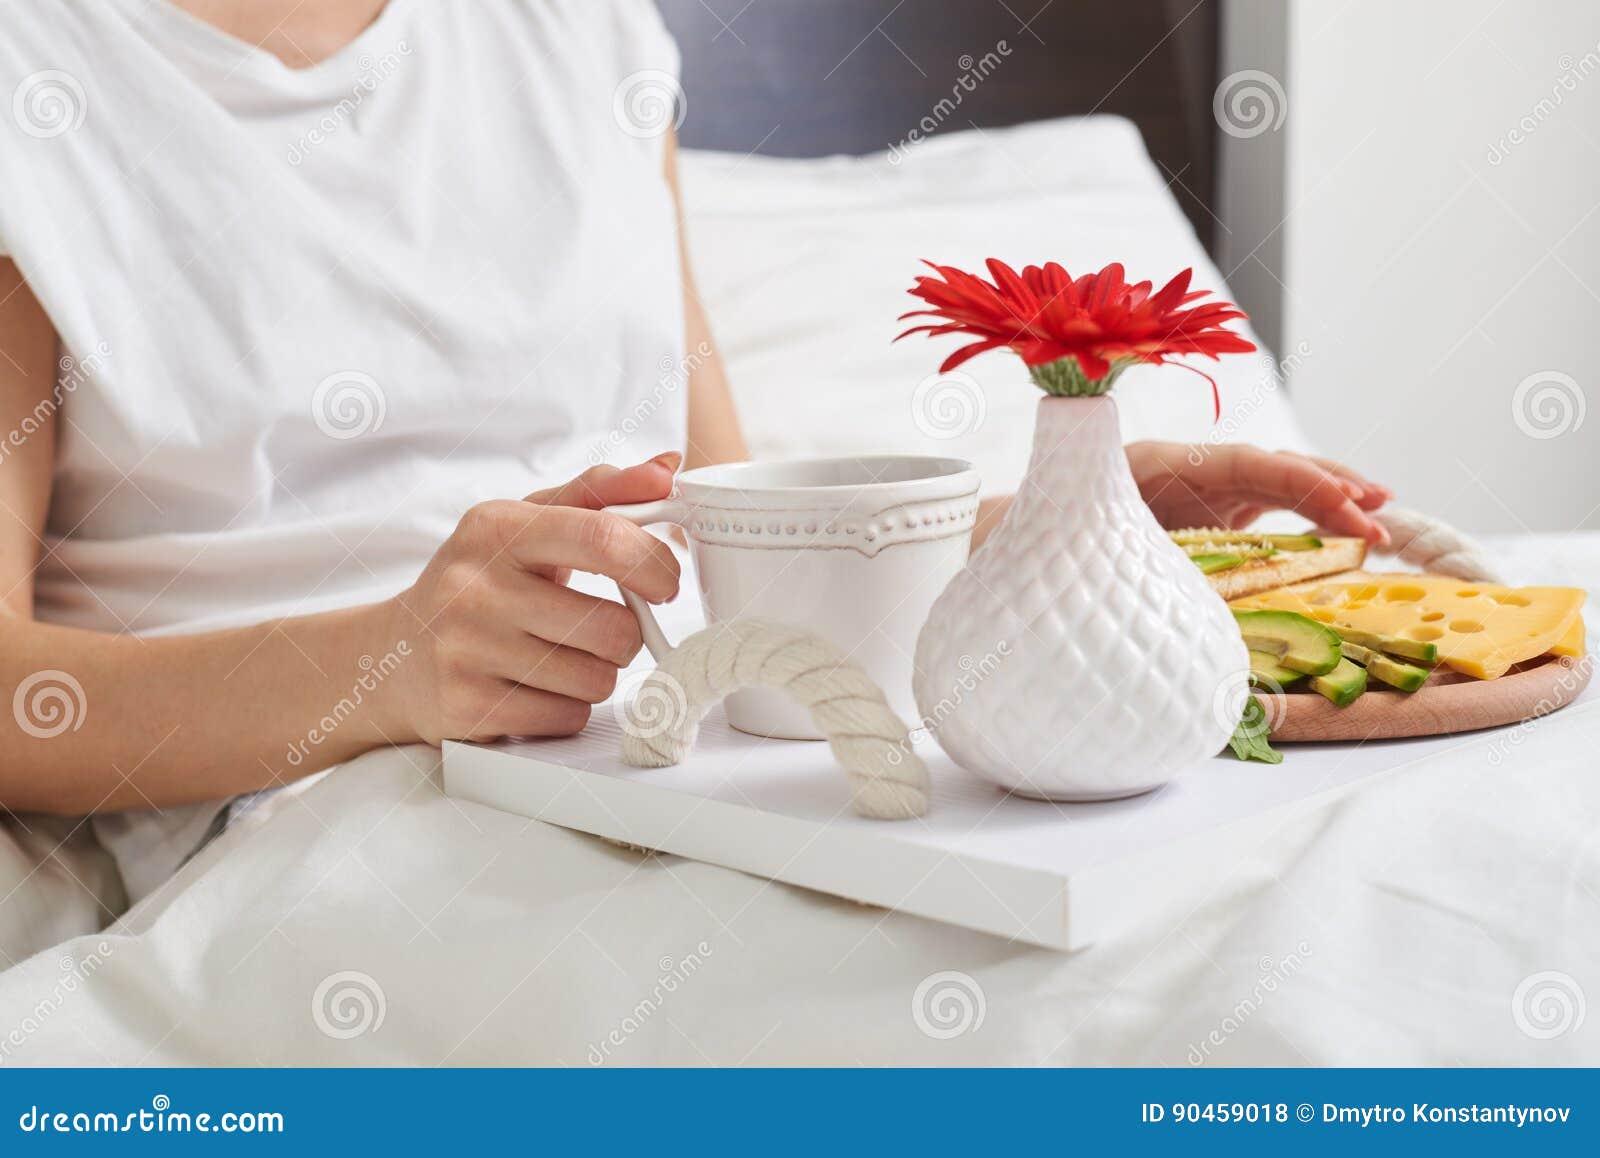 Desayuno romántico en la bandeja adornada con la flor roja para el amante